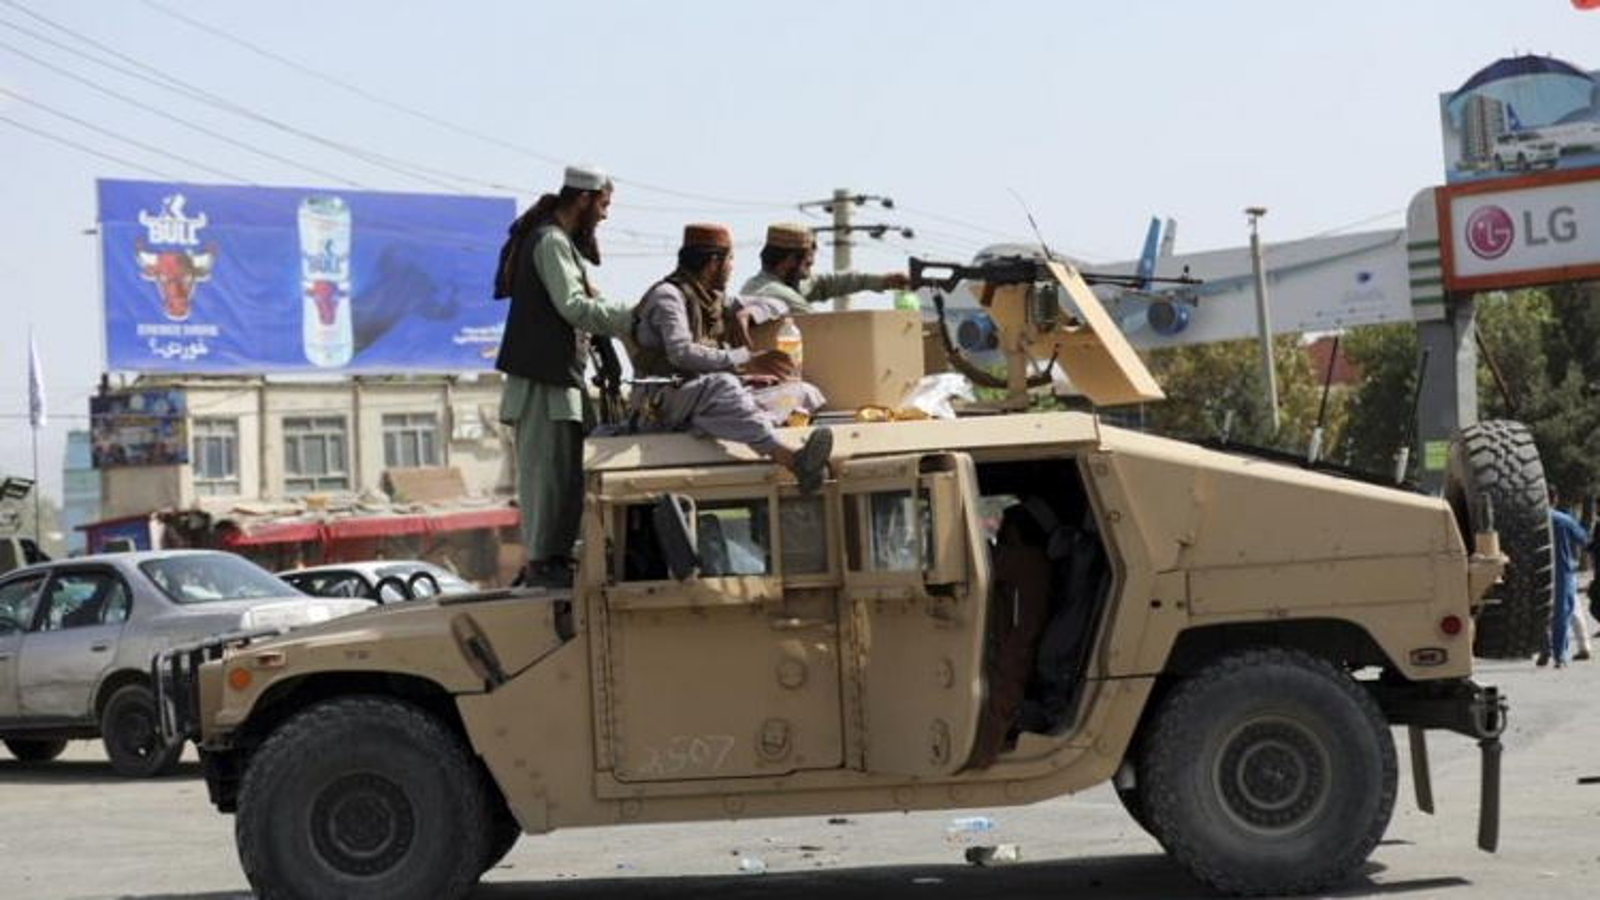 Mỹ rót hàng tỷ USD cho quân đội Afghanistan nhưng hưởng lợi lại là Taliban